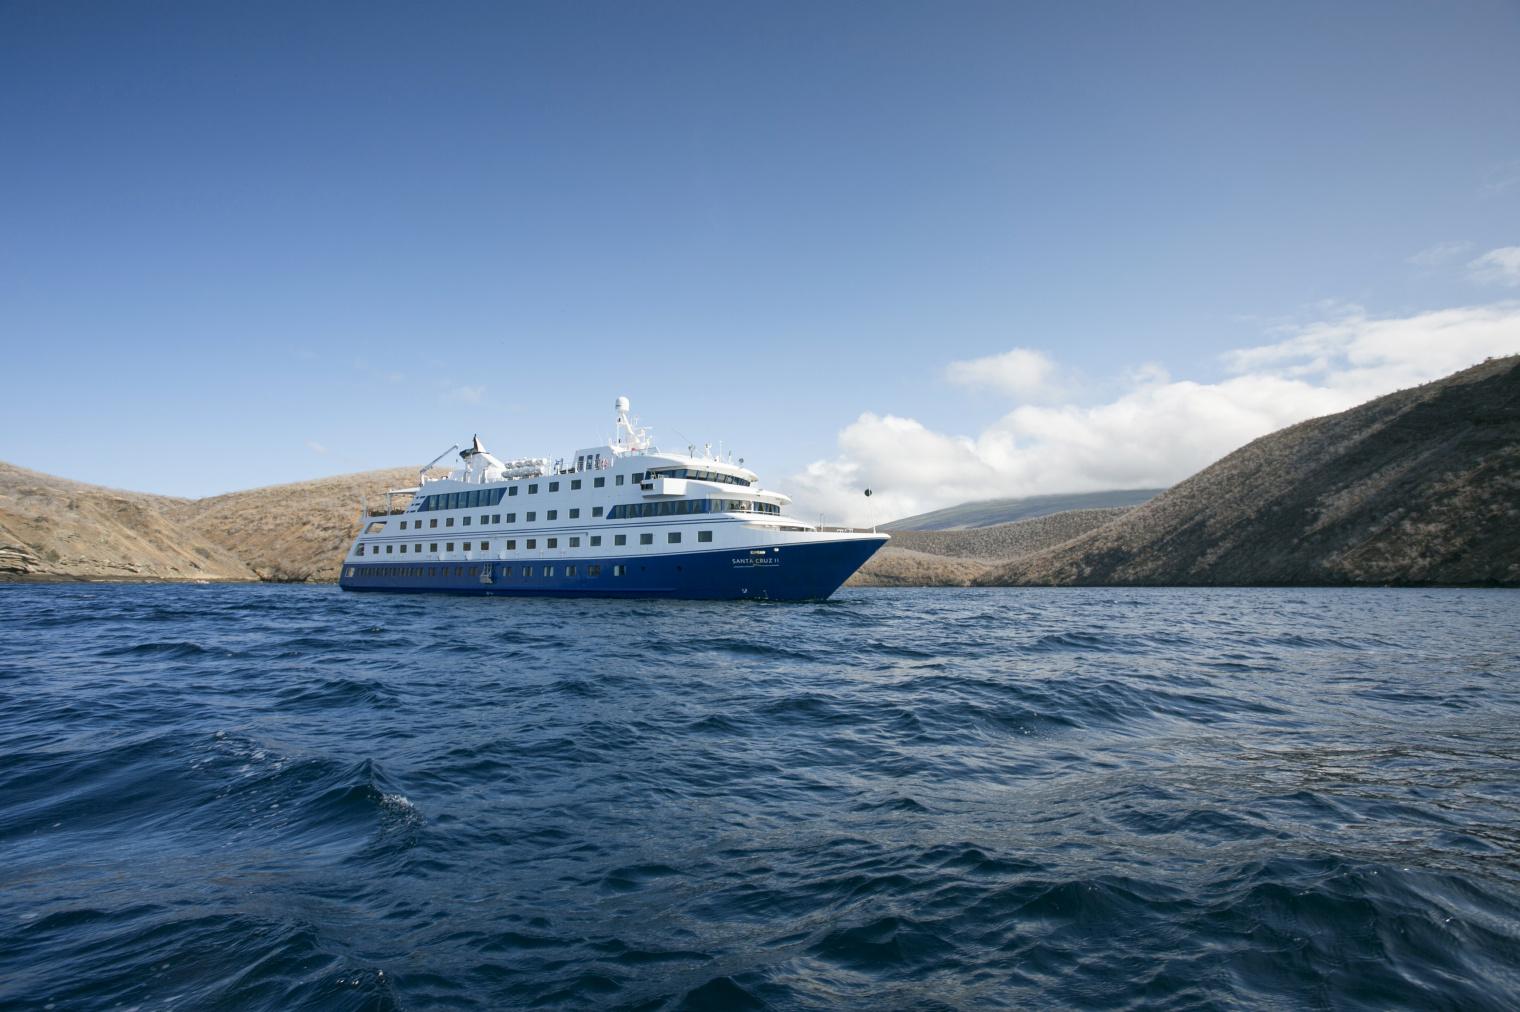 Santa Cruz Cruise Ship